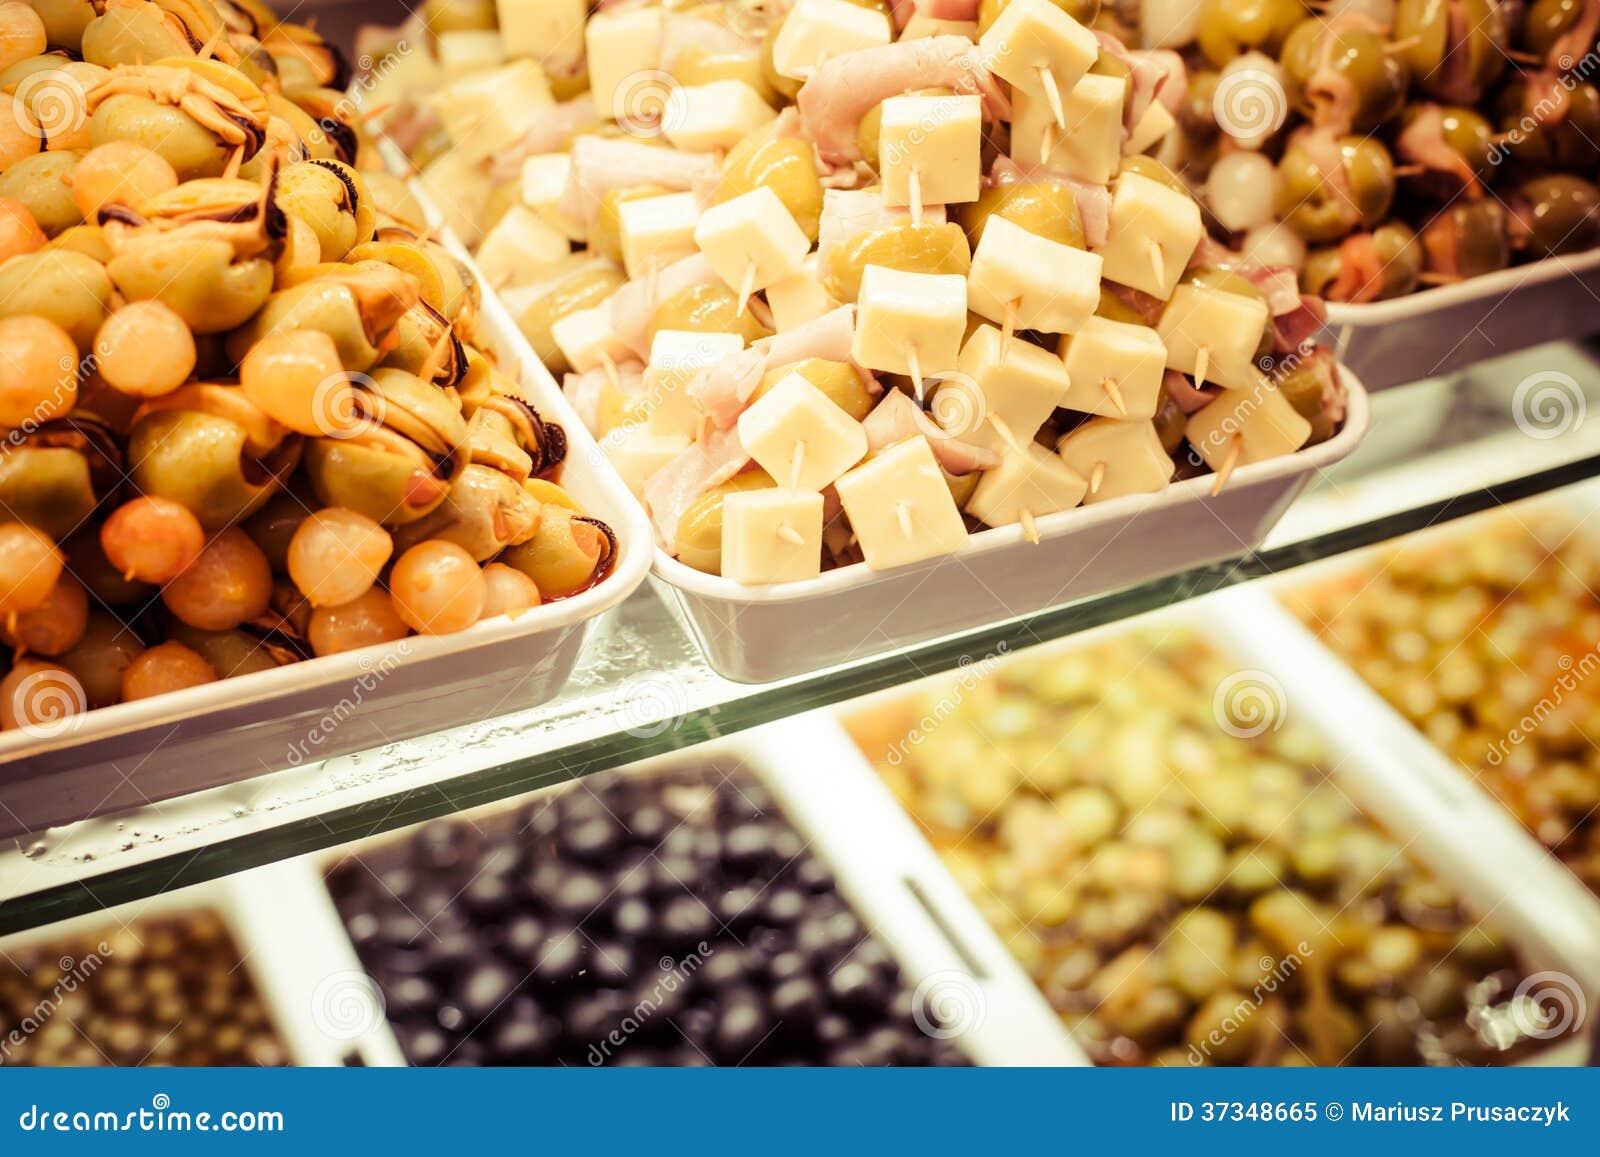 Mercado espanhol típico do alimento.